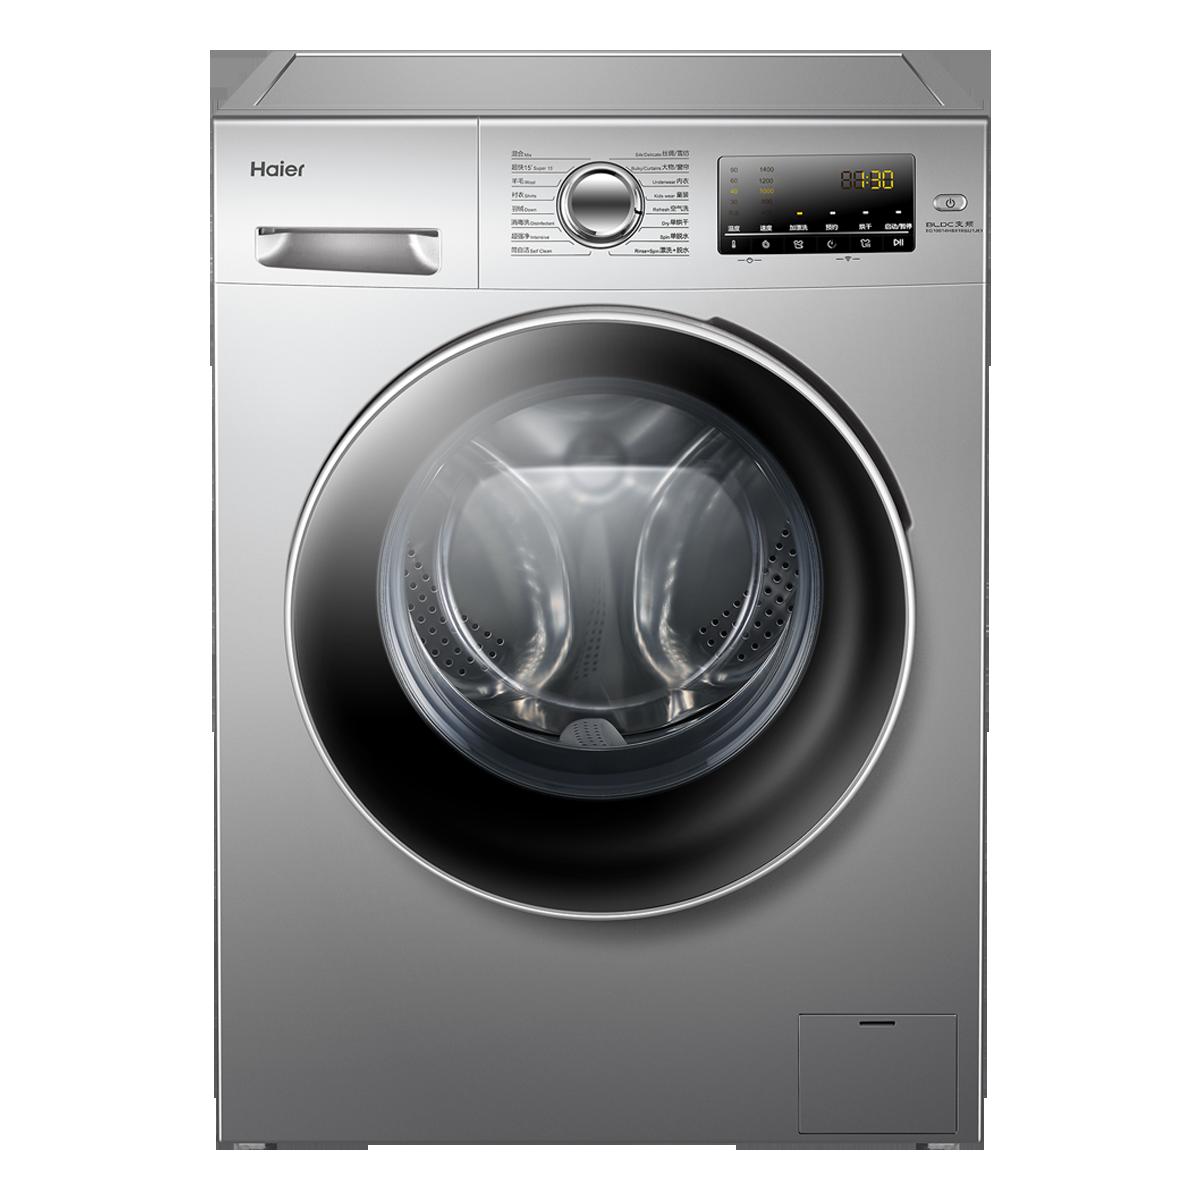 海尔Haier洗衣机 EG10014HBX19SU1JD 说明书